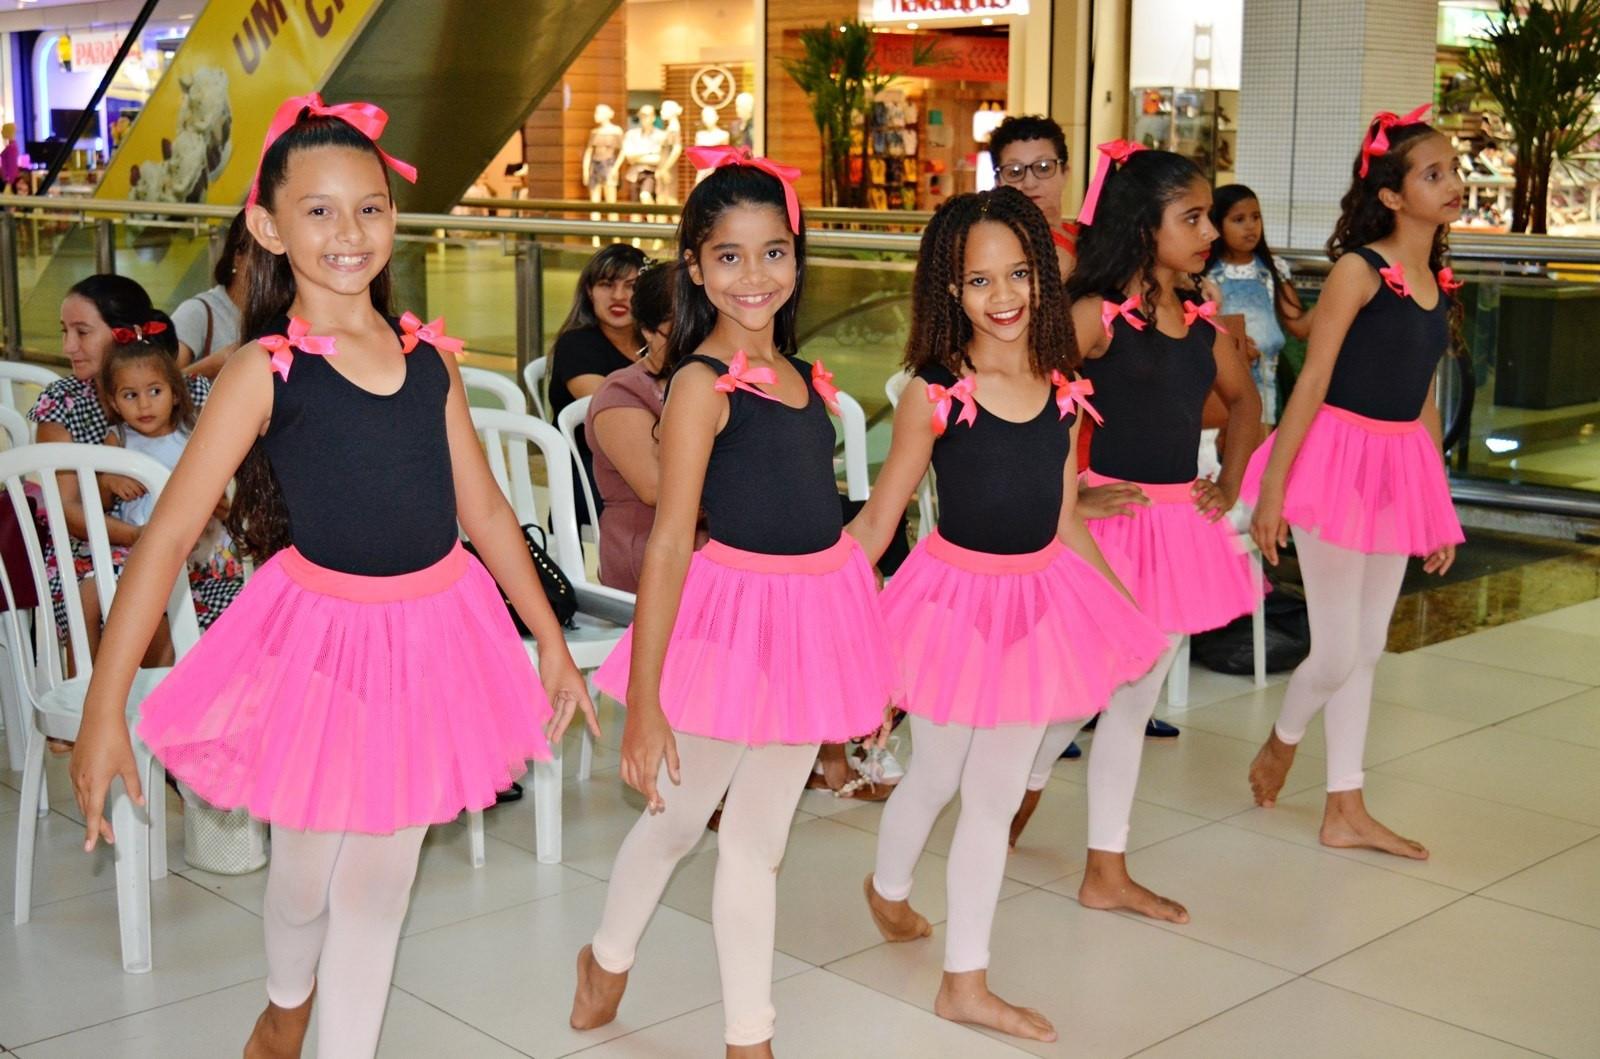 A mostra leva coreografias de diferentes estilos. (Foto: Divulgação)